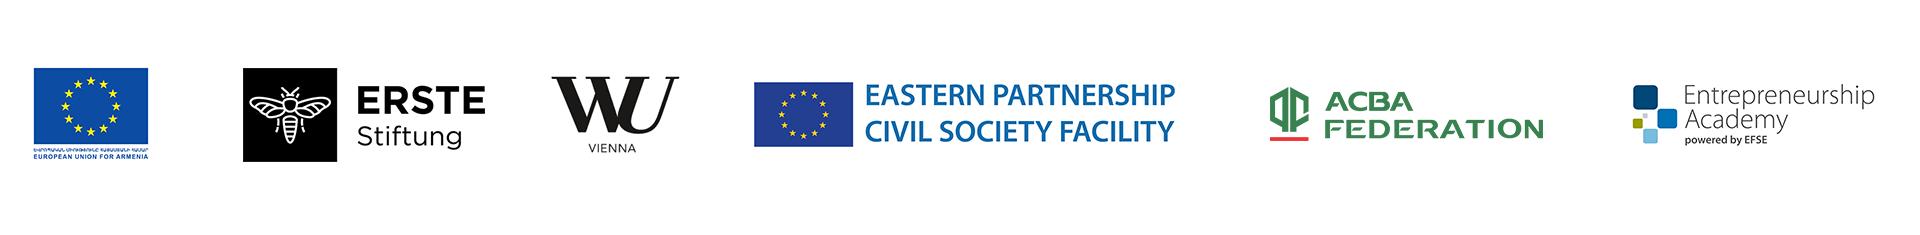 Social Impact Award Armenia partners